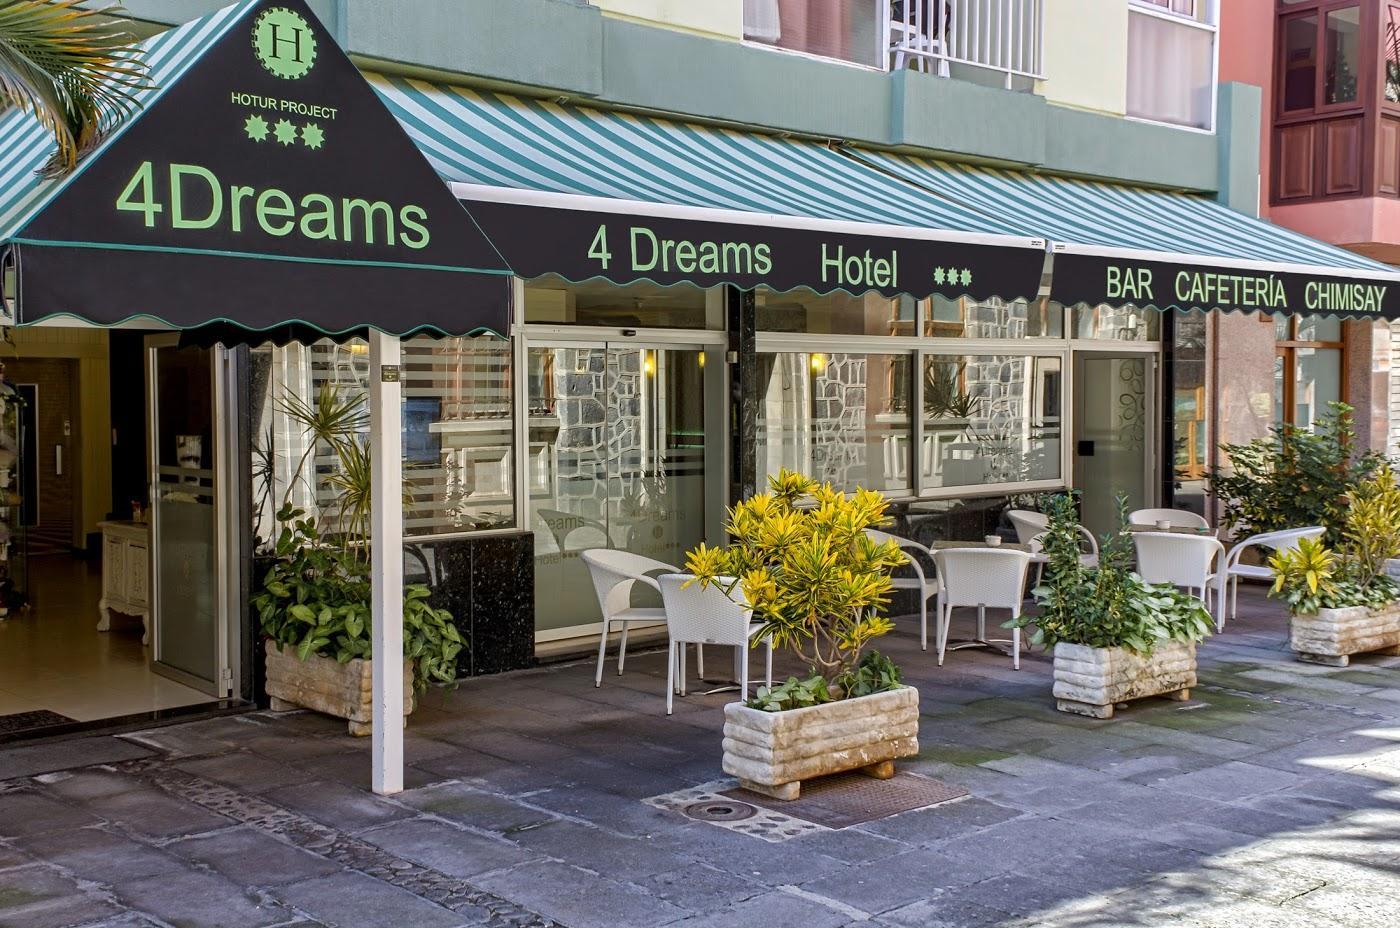 Hotel 4 dreams en puerto de la cruz viajes carrefour - Hoteles en puerto de la cruz baratos ...